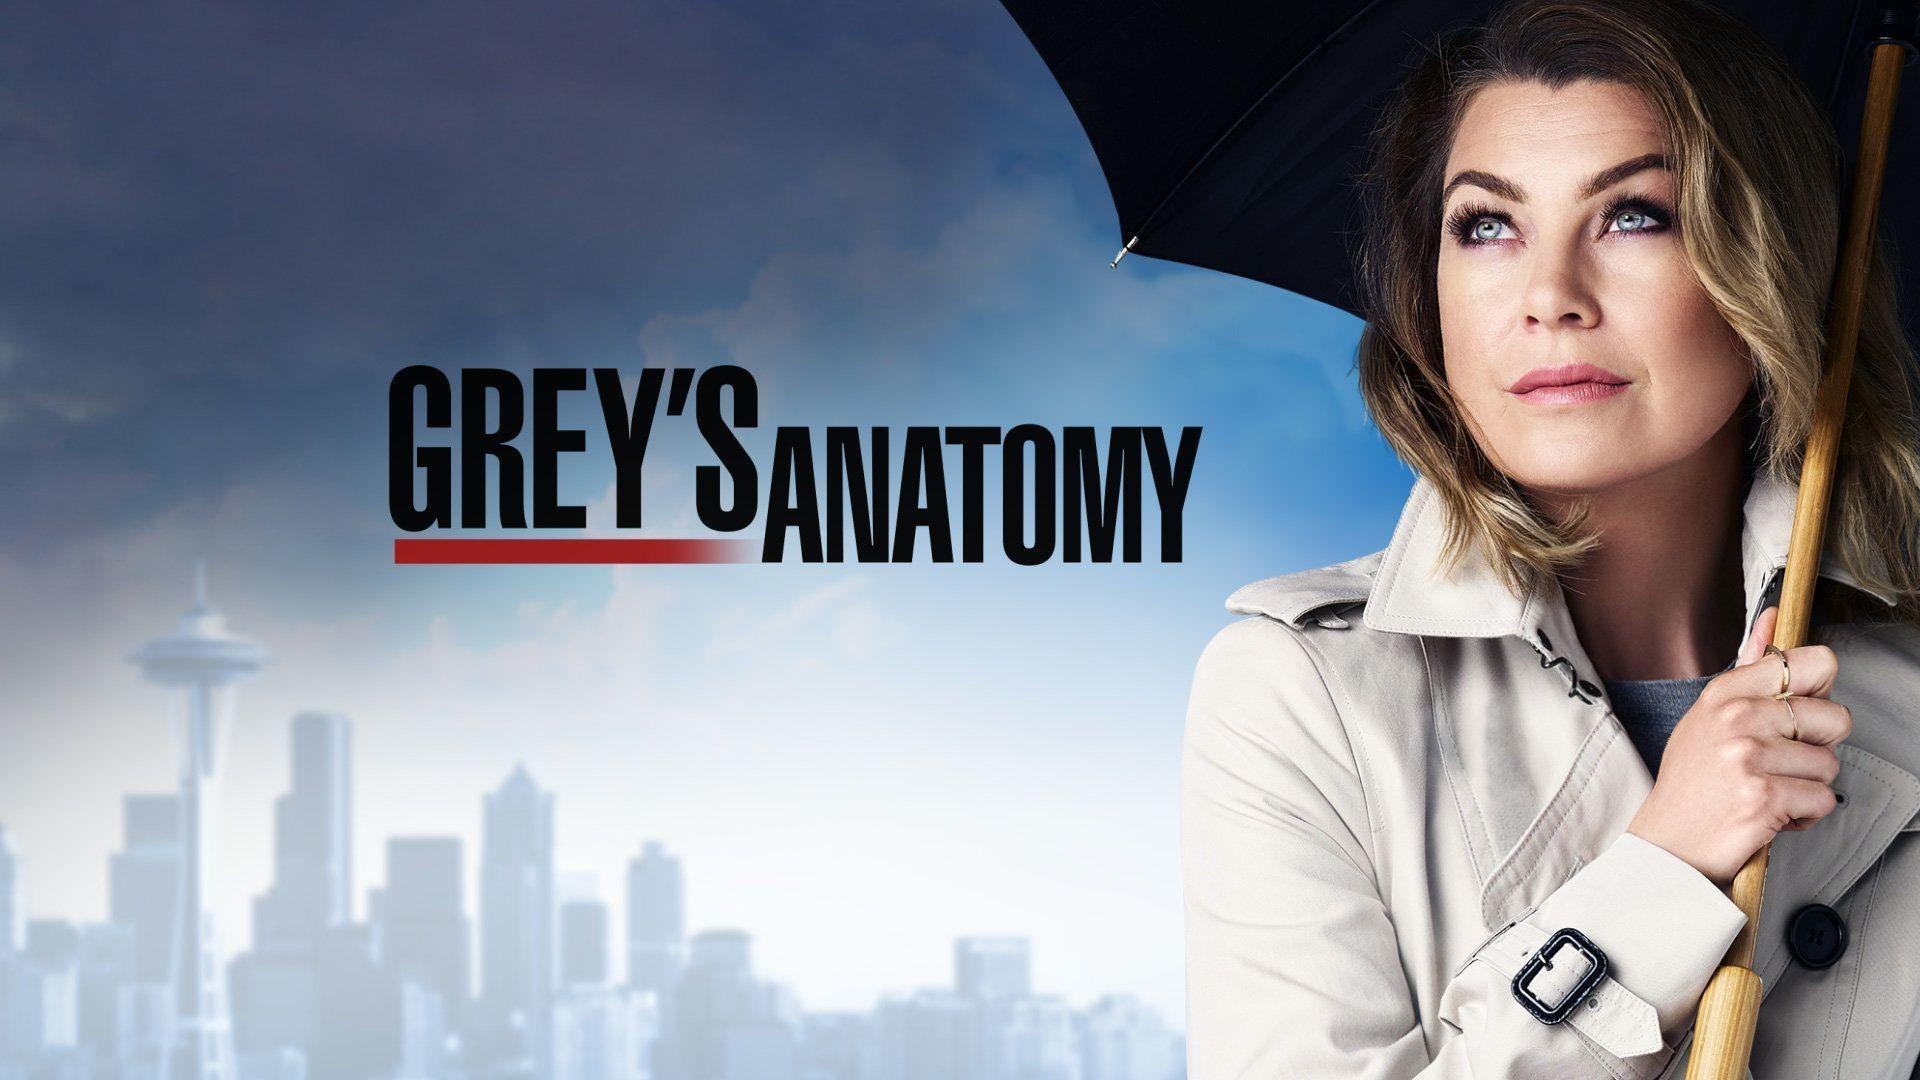 Großartig Beobachten Greys Anatomy Onlie Zeitgenössisch - Anatomie ...